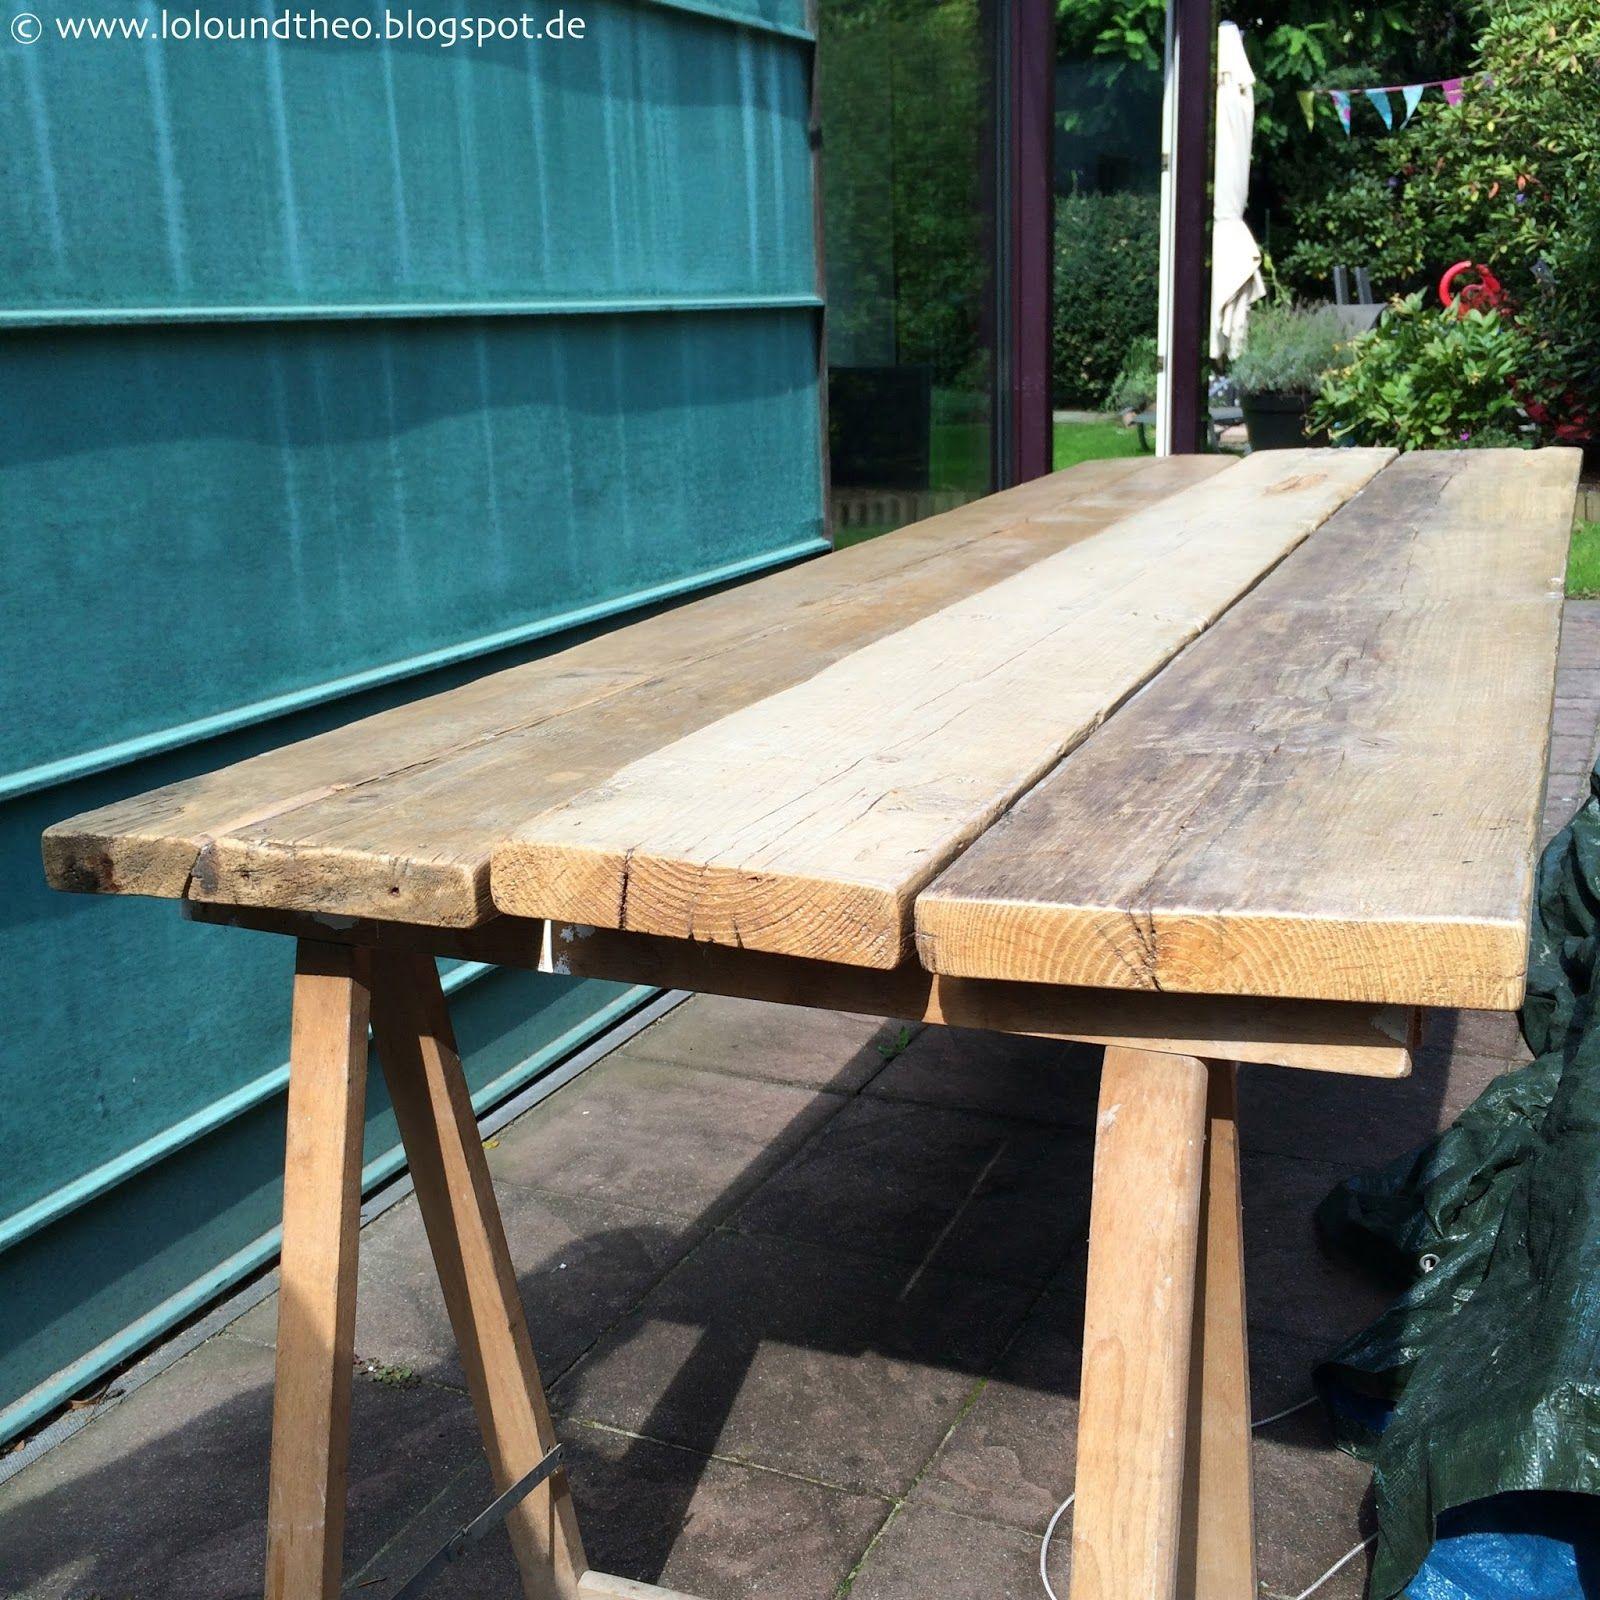 Diy Gartentisch Aus Alten Brettern Tisch Aus Gerüstdielen Www